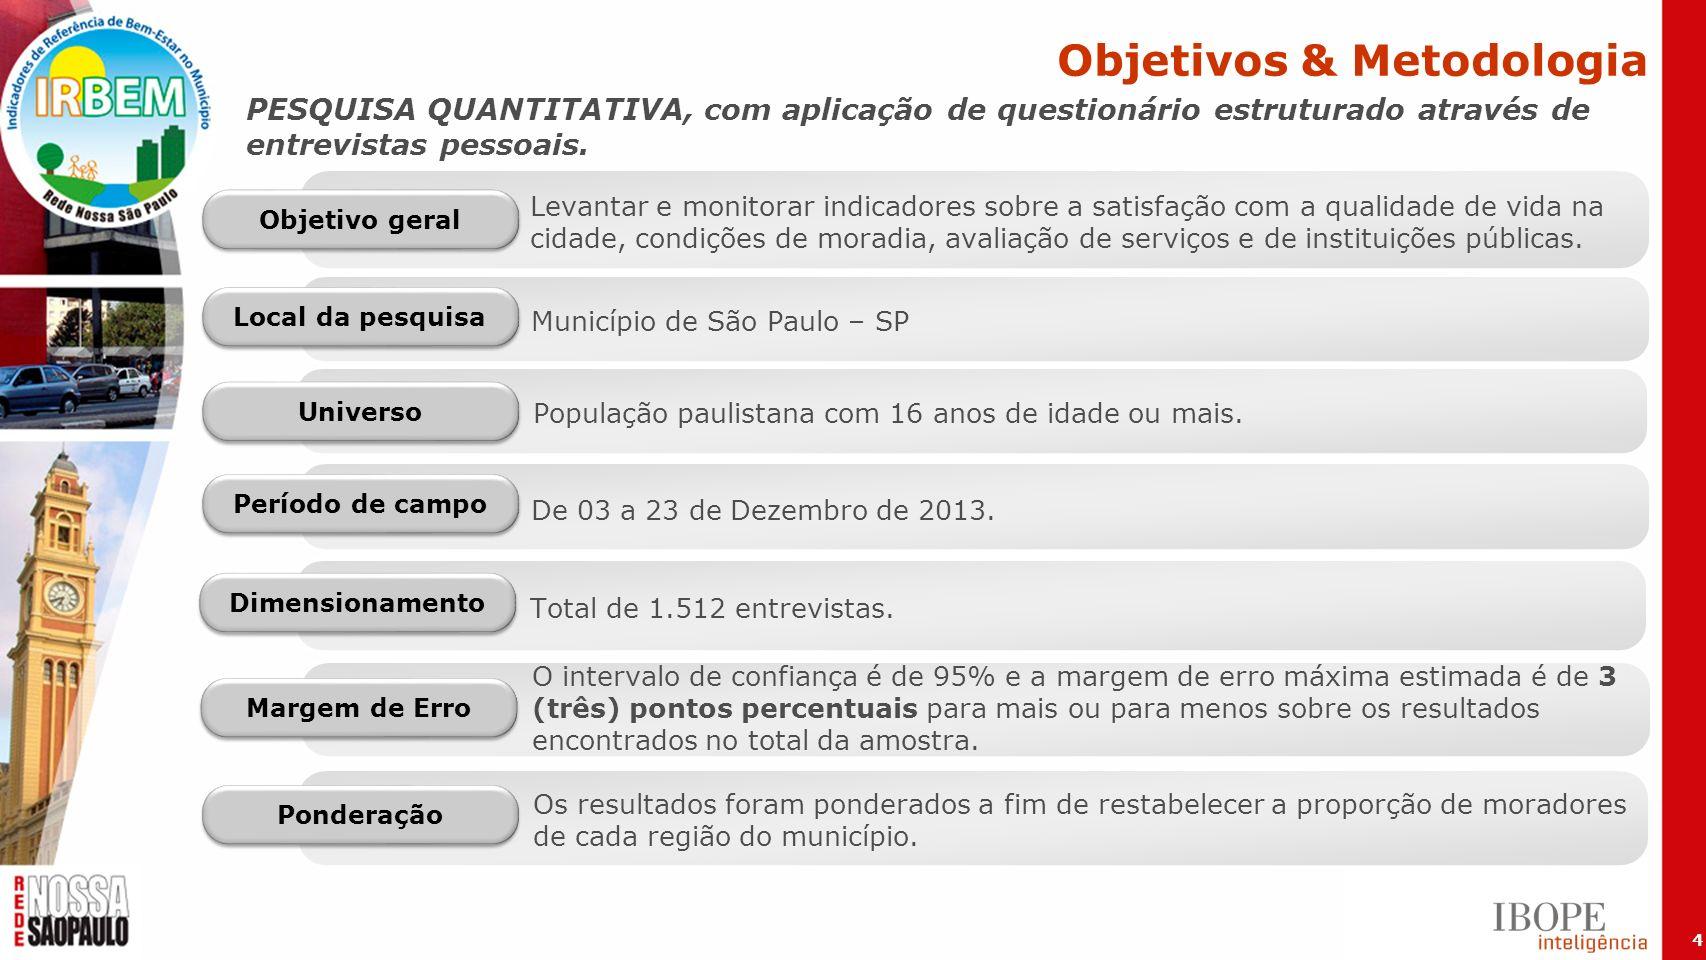 25 +0,6 +0,2 0,0 +0,2 -0,1 0,0 Satisfação média com a área 2009: 4,7 | 2010: 5,0 | 2011: 4,8| 2012: 4,5 | 2013: 4,6 DIF.SIG.